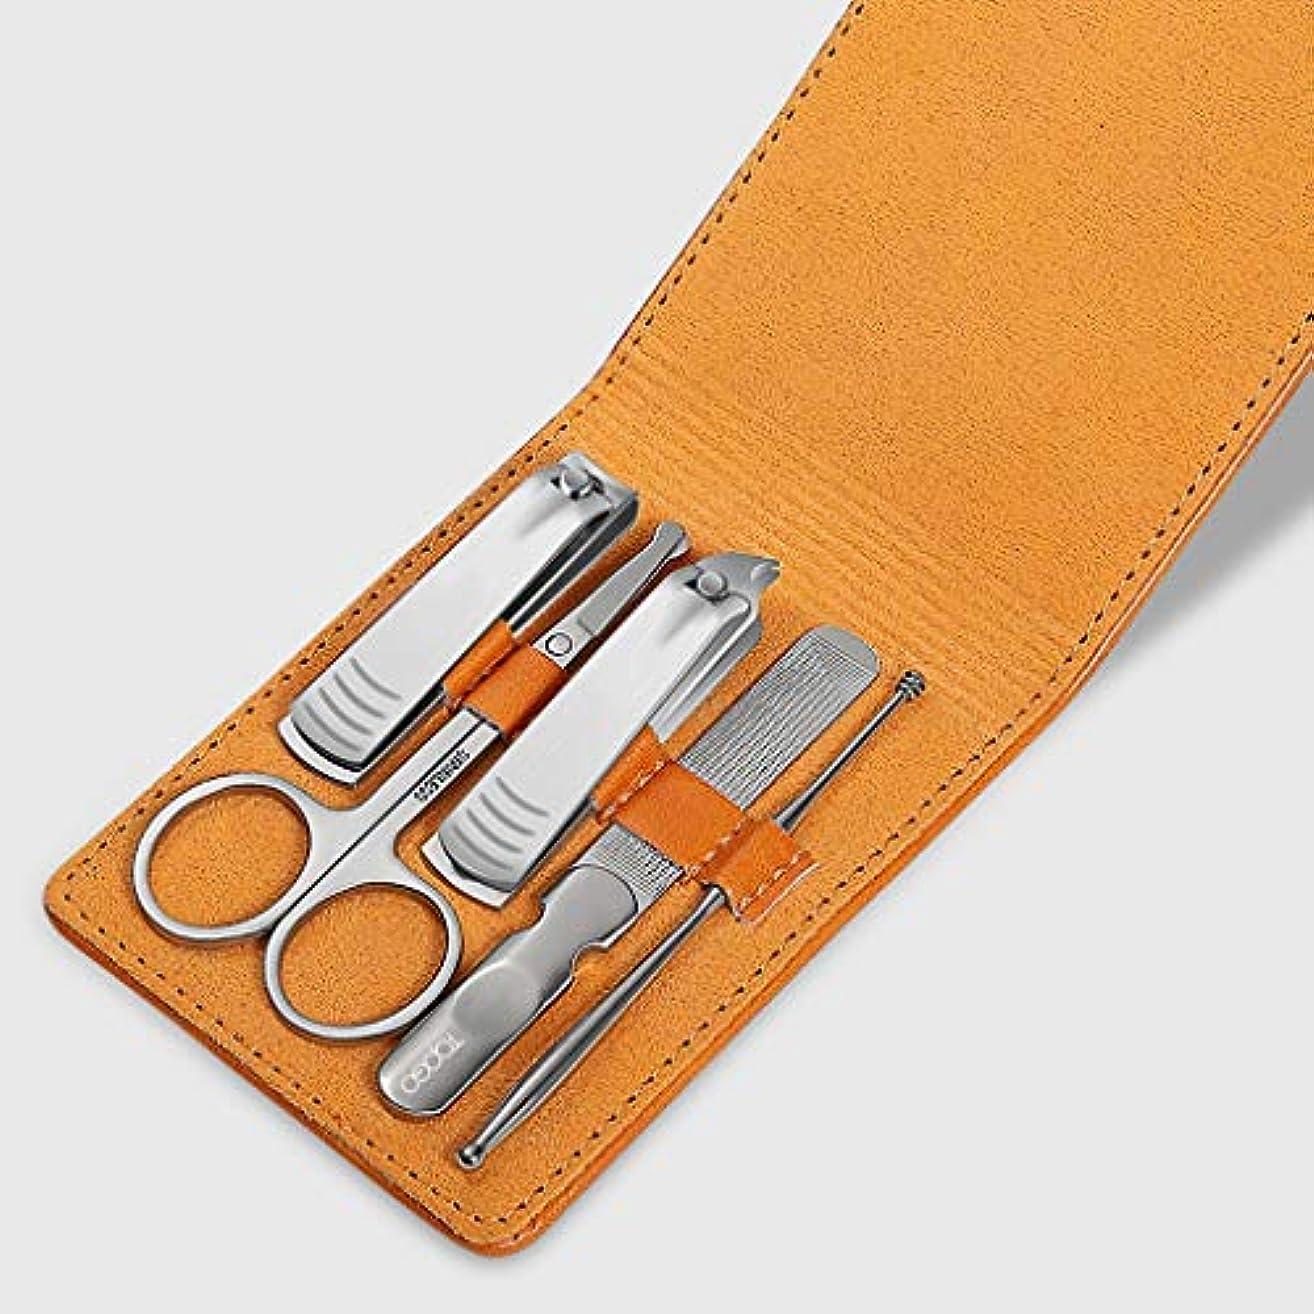 畝間眼に対応する5のマニキュアセット、ステンレス鋼の爪切り、大人の手入れの行き届いた爪、マニキュア、パーソナルケア、小さくて便利、出張に使用することができます。,Silver